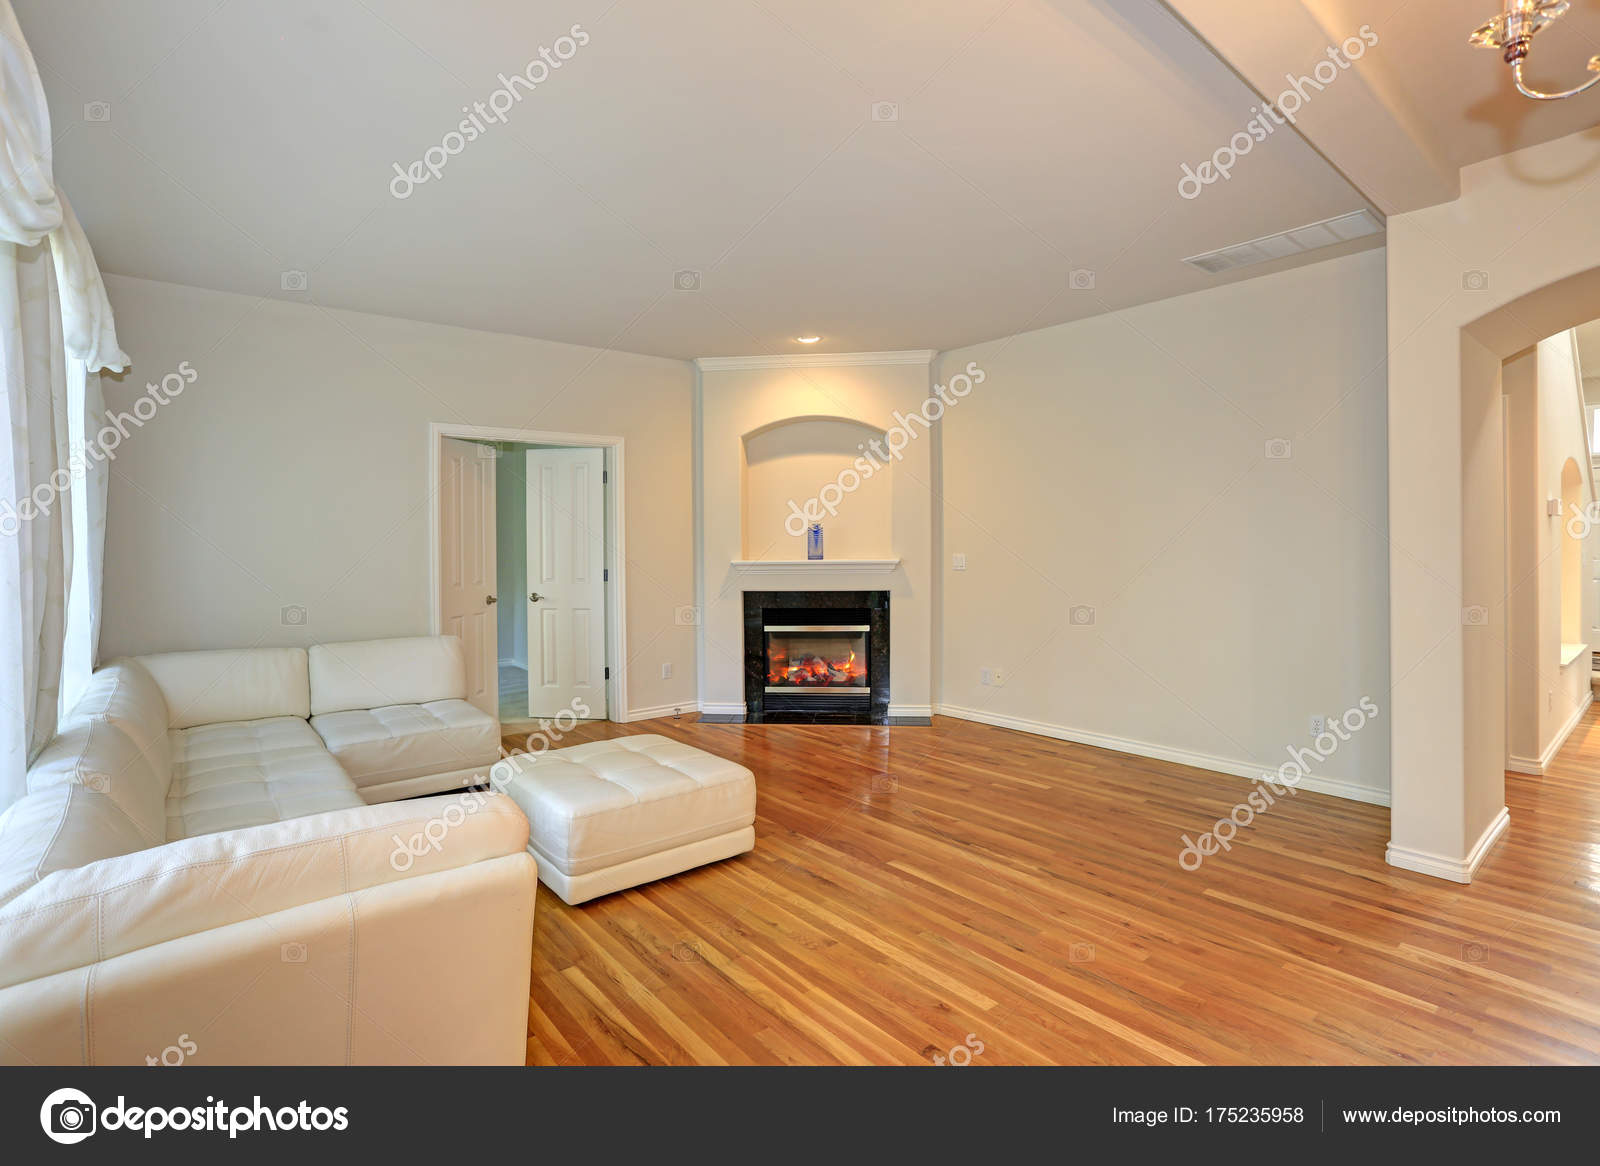 Sonnige Moderne Wohnzimmer Mit Weissem Sektionaltor